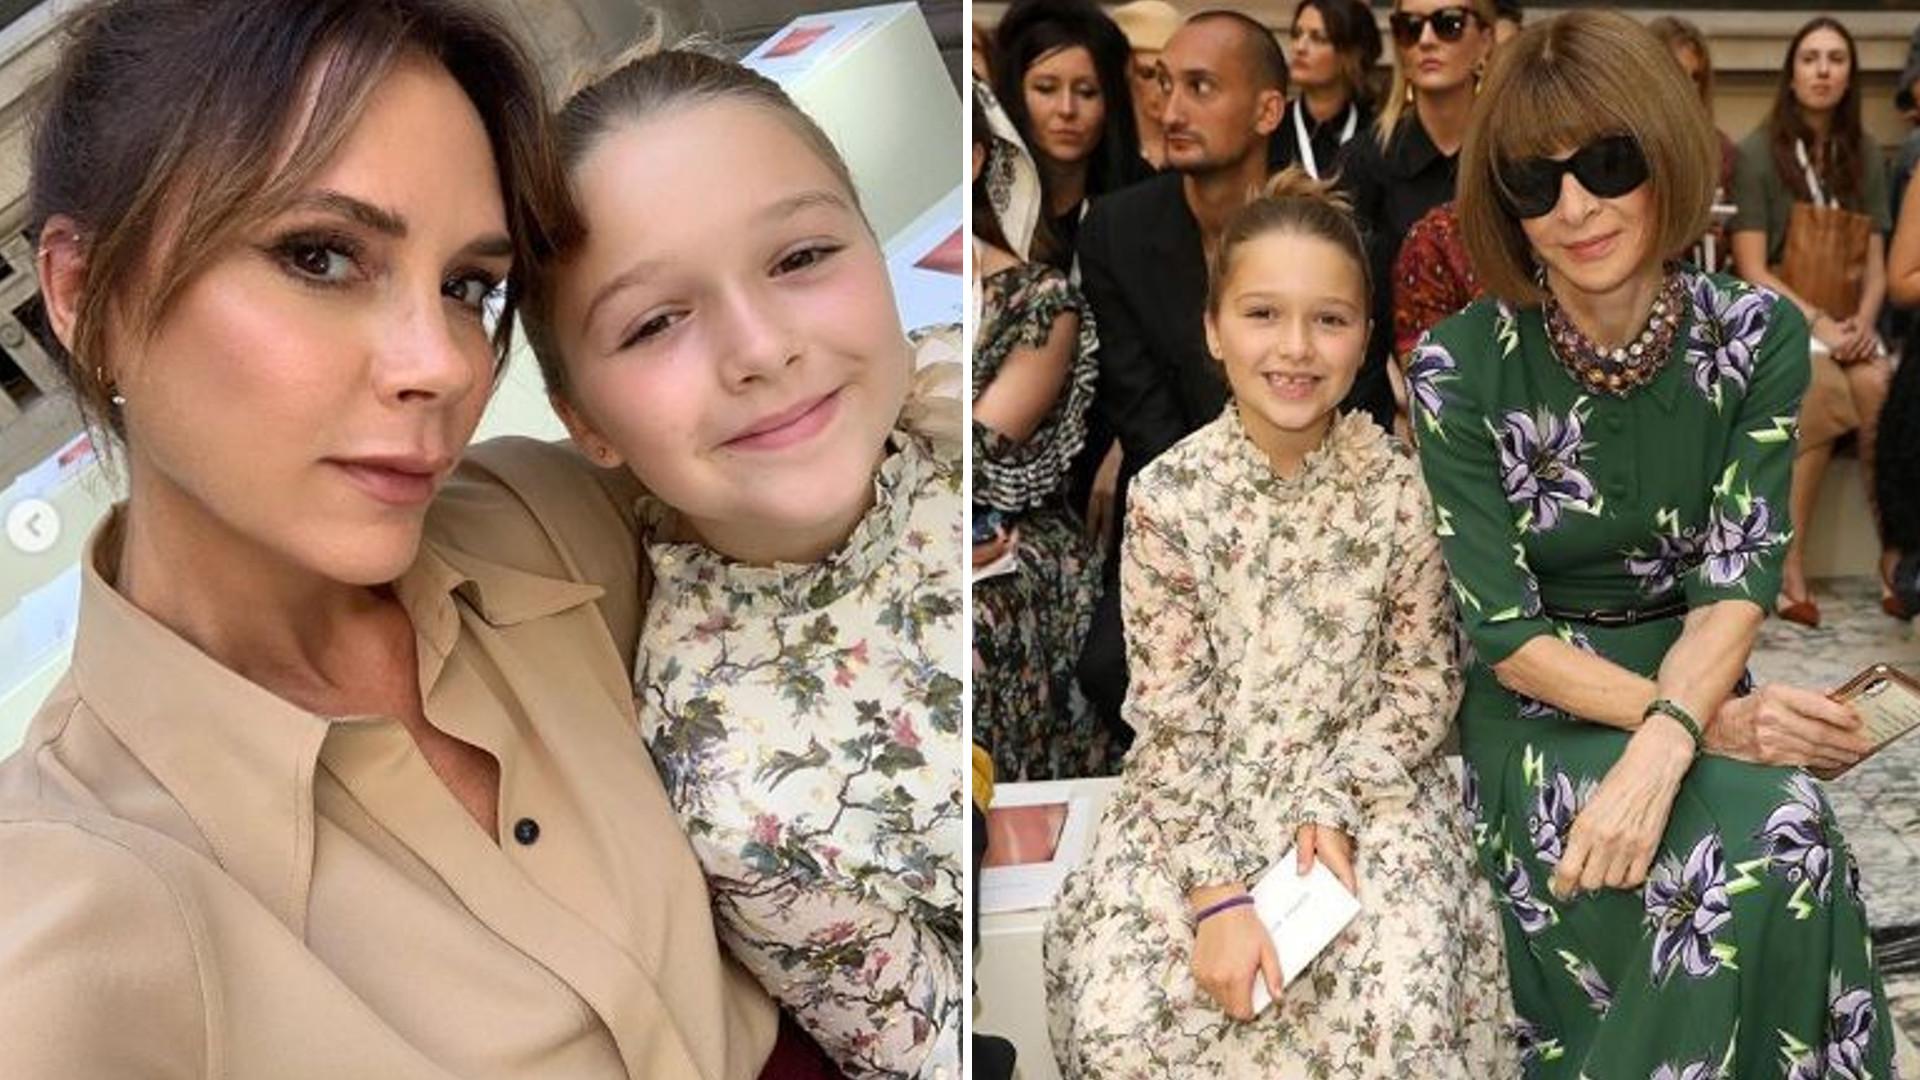 8-letnia córka Victorii Beckham ma super znajomości – na pokazie mamy siedziała z ciocią Anną Wintour